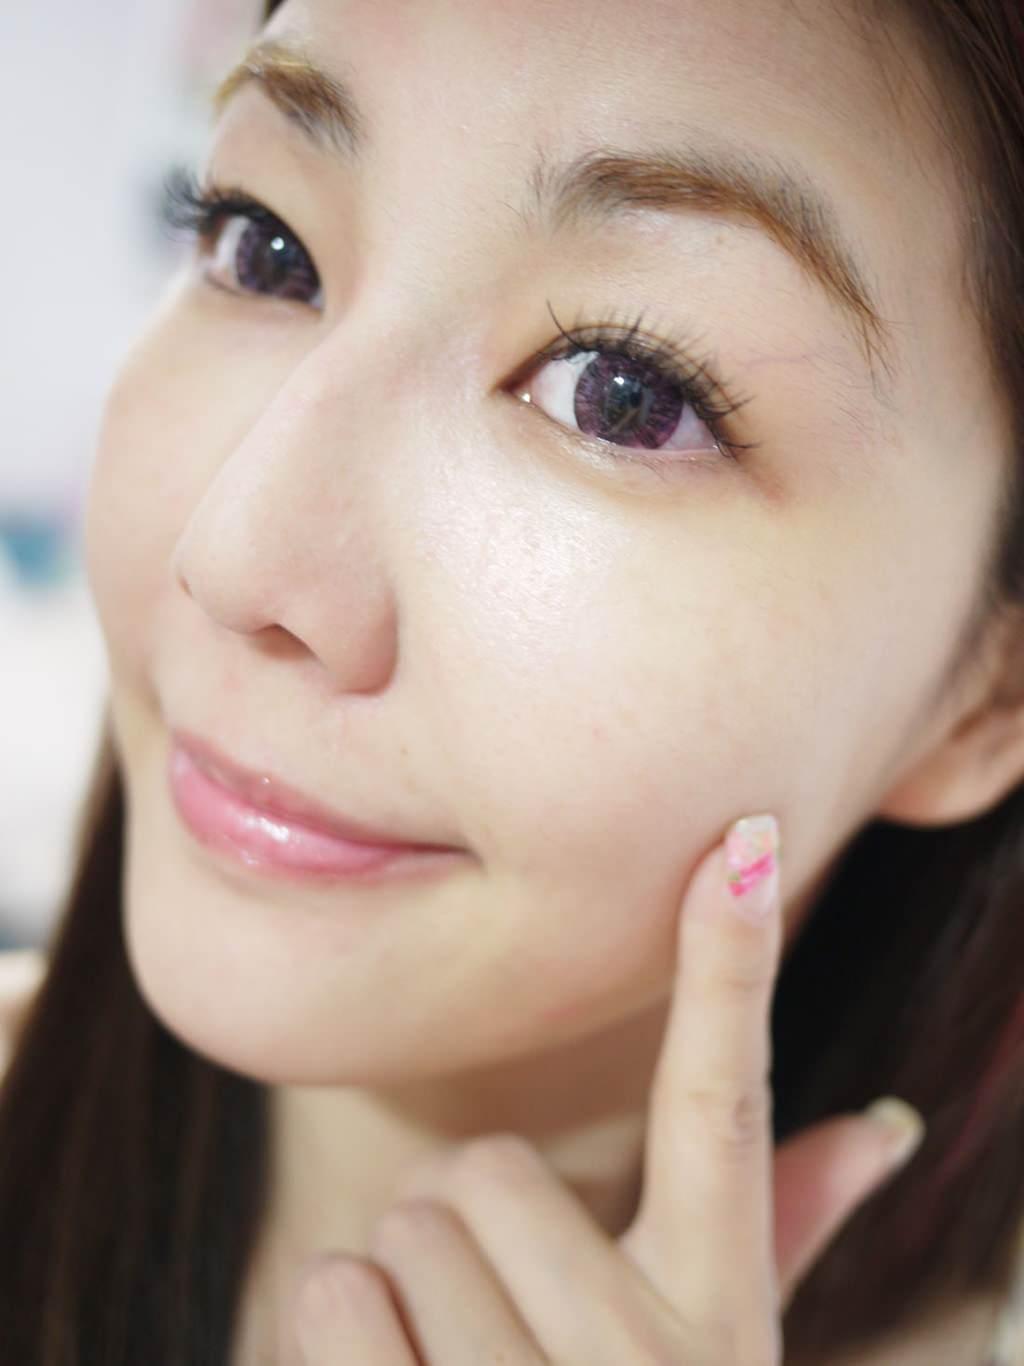 Dr.Jart+,韓國保養,肌膚專家,亞洲保養,保濕,亮白,水凝霜,敏弱肌,天然保養,222